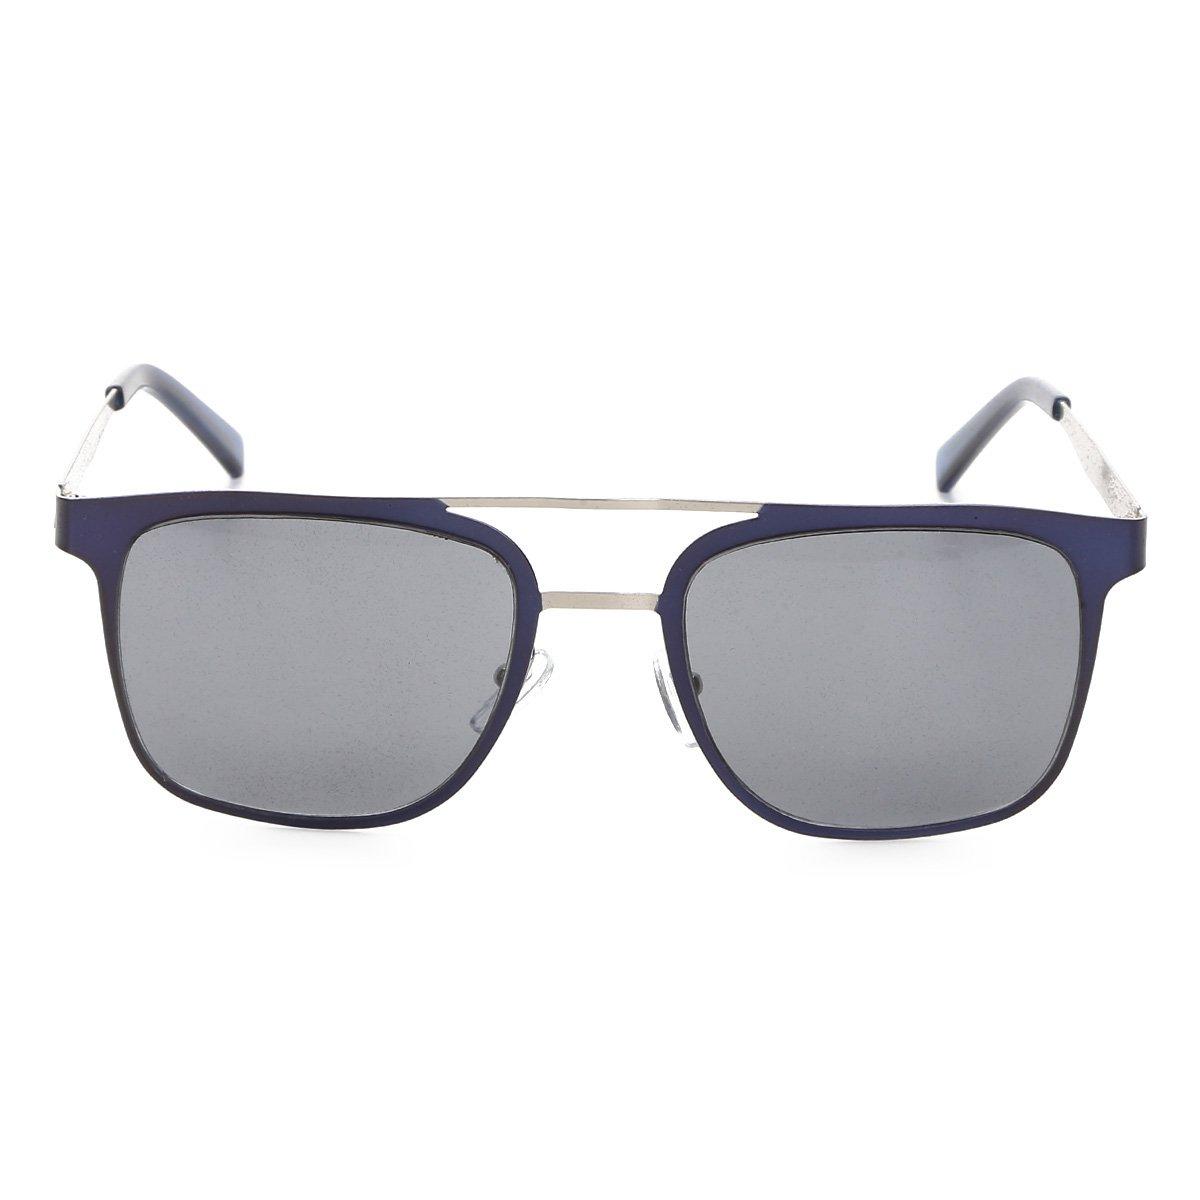 Óculos de Sol King One Quadrado AKZ1605 Feminino - Compre Agora ... fefab5574a